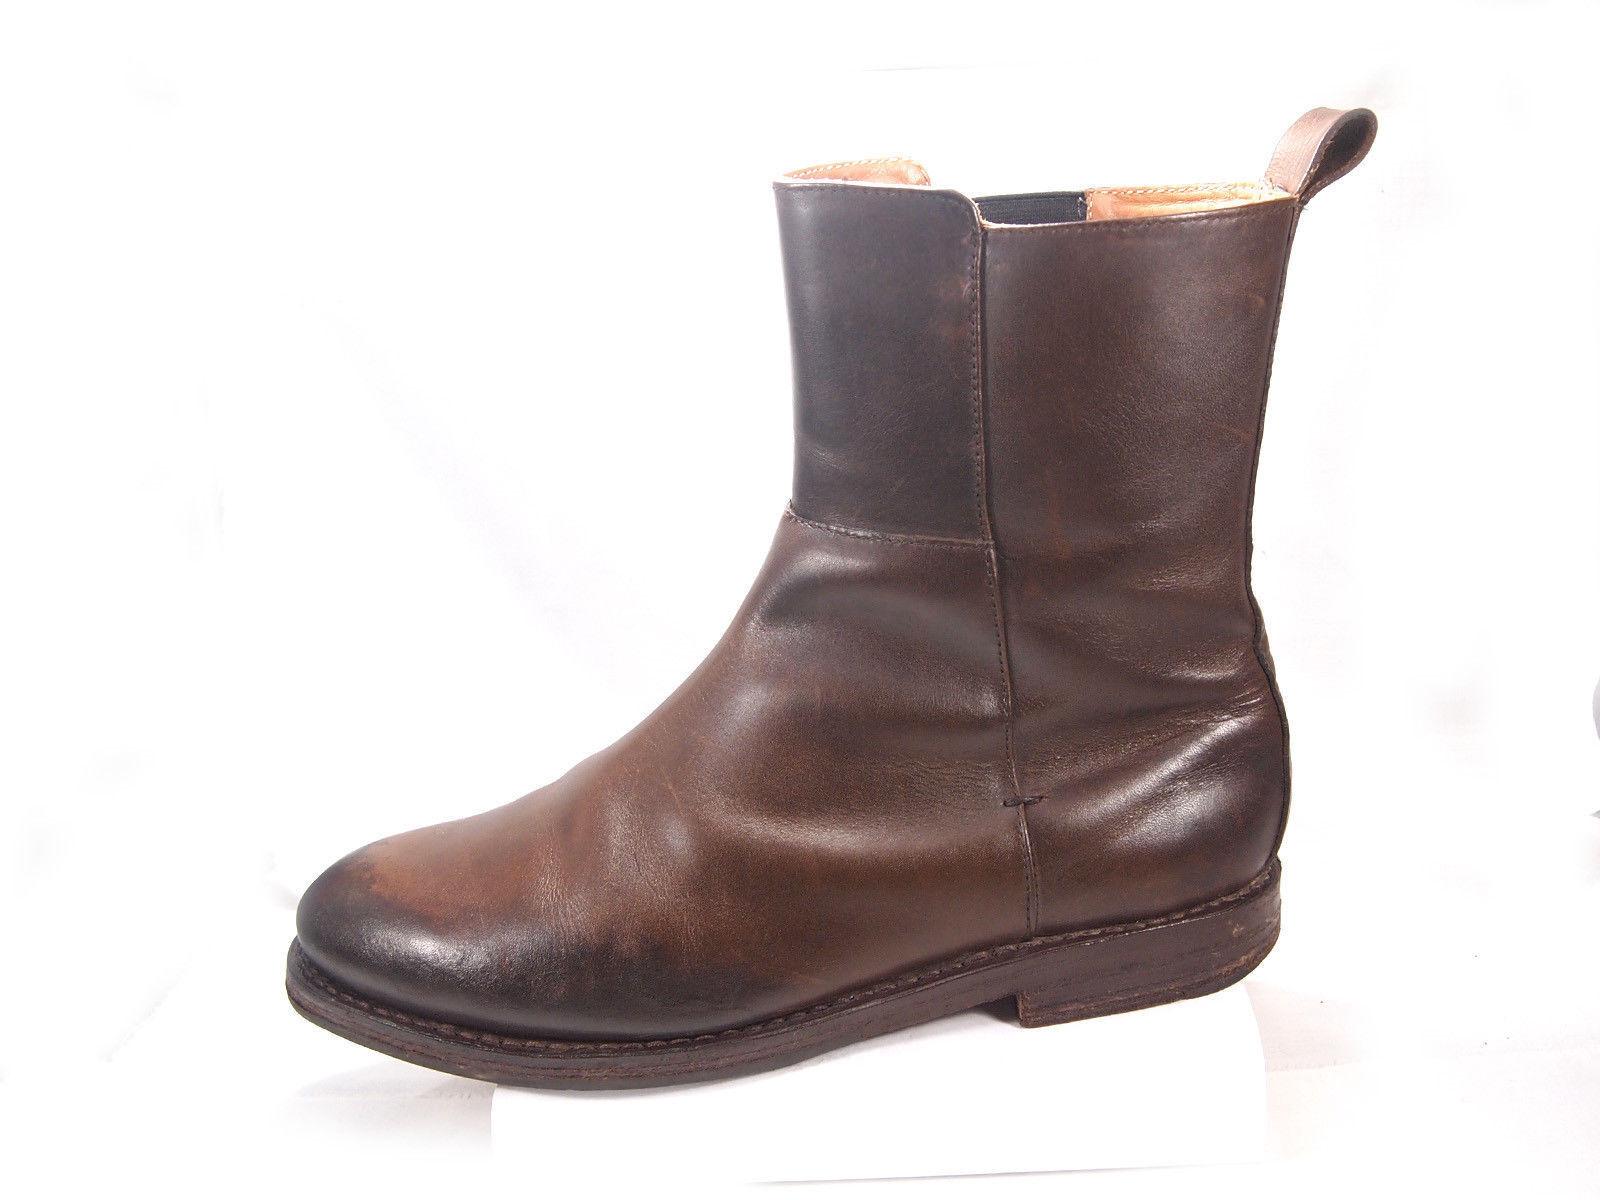 Camper Chelsea ankle Stiefel, braun leather, herren schuhe Größe UK 8 EU 42